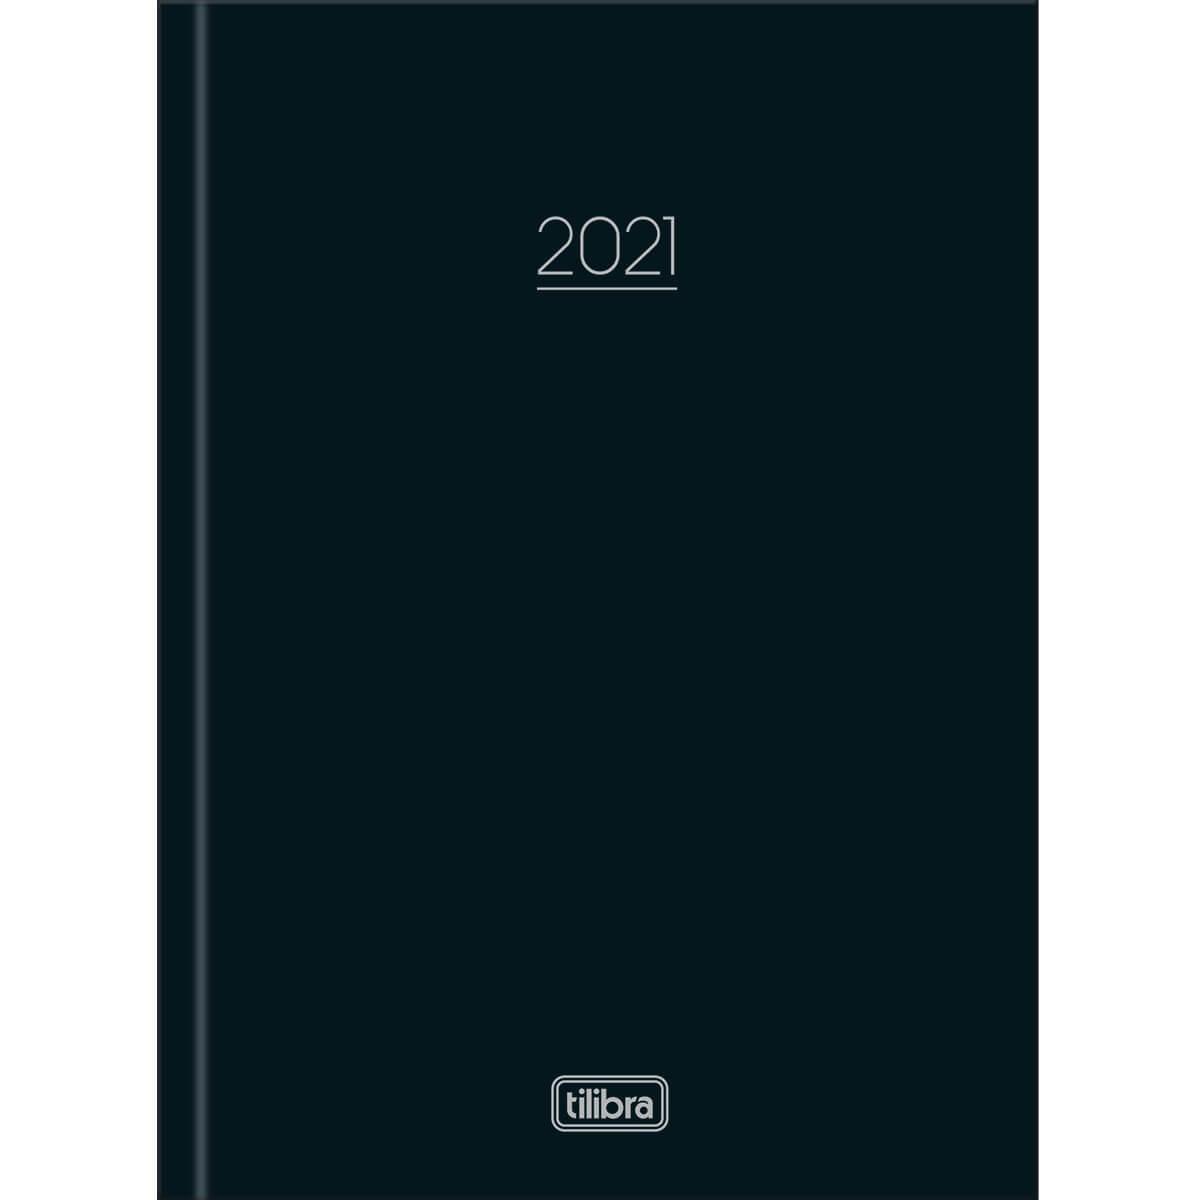 Agenda 2021 Costurada Diária Executiva 179701 Tilibra 24911